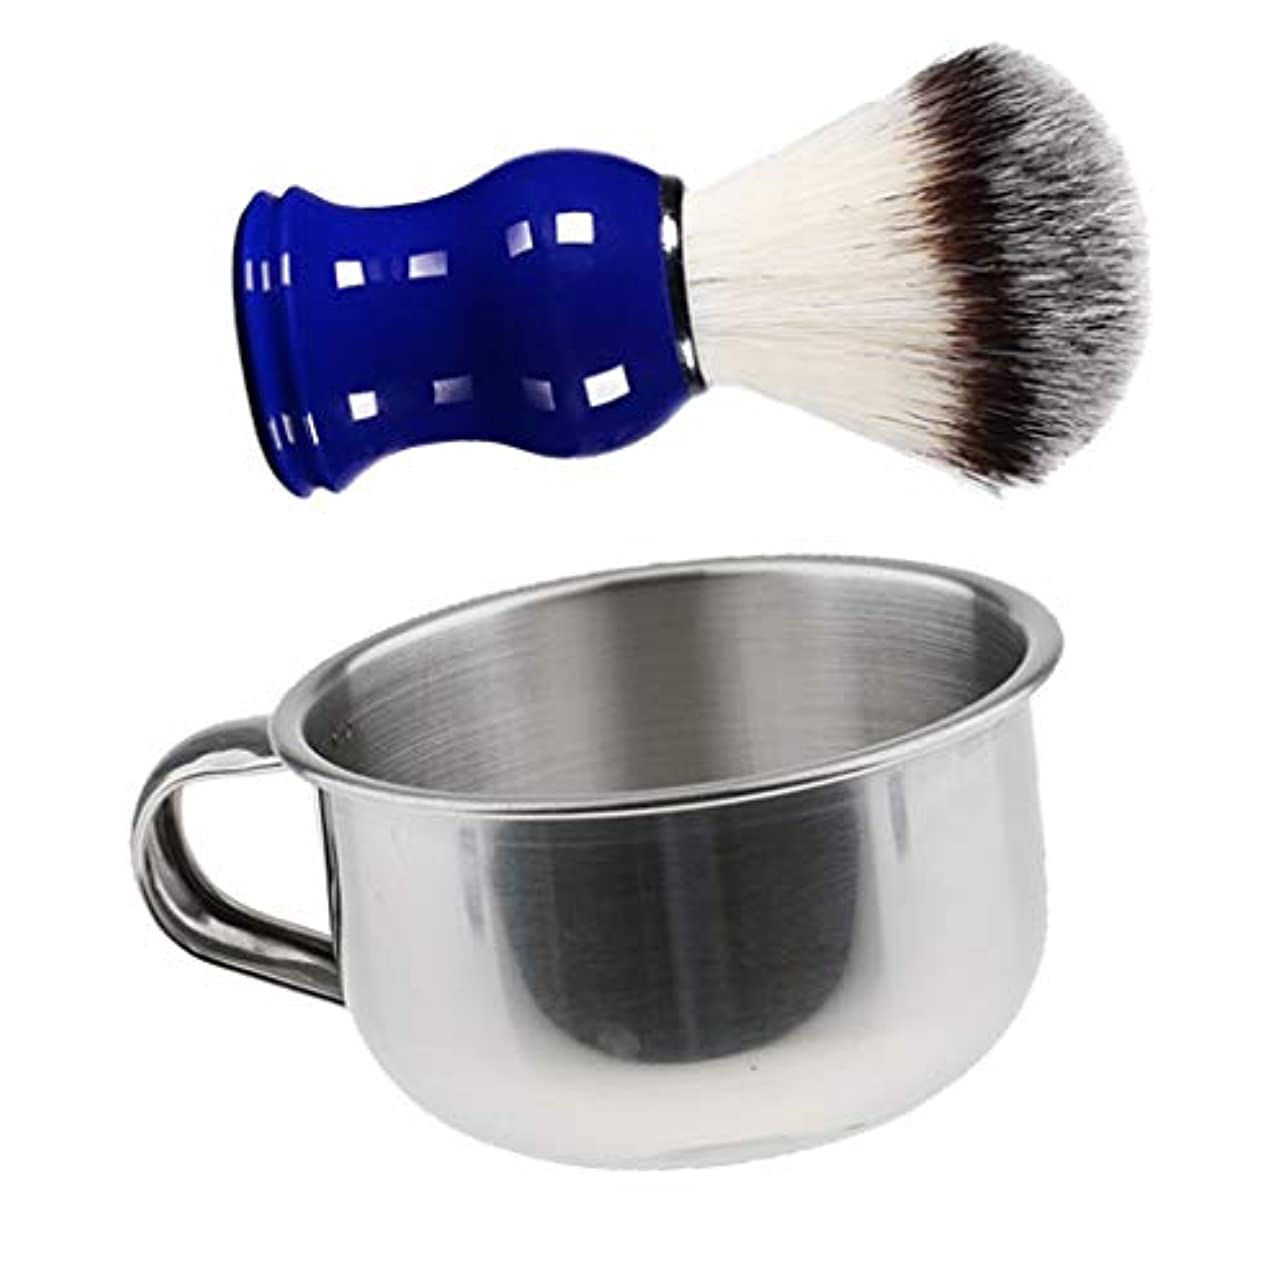 素晴らしき商標胴体メンズ シェービング マグ ボウル カップ ステンレス製 シェービング用ブラシ 理容 洗顔 髭剃り